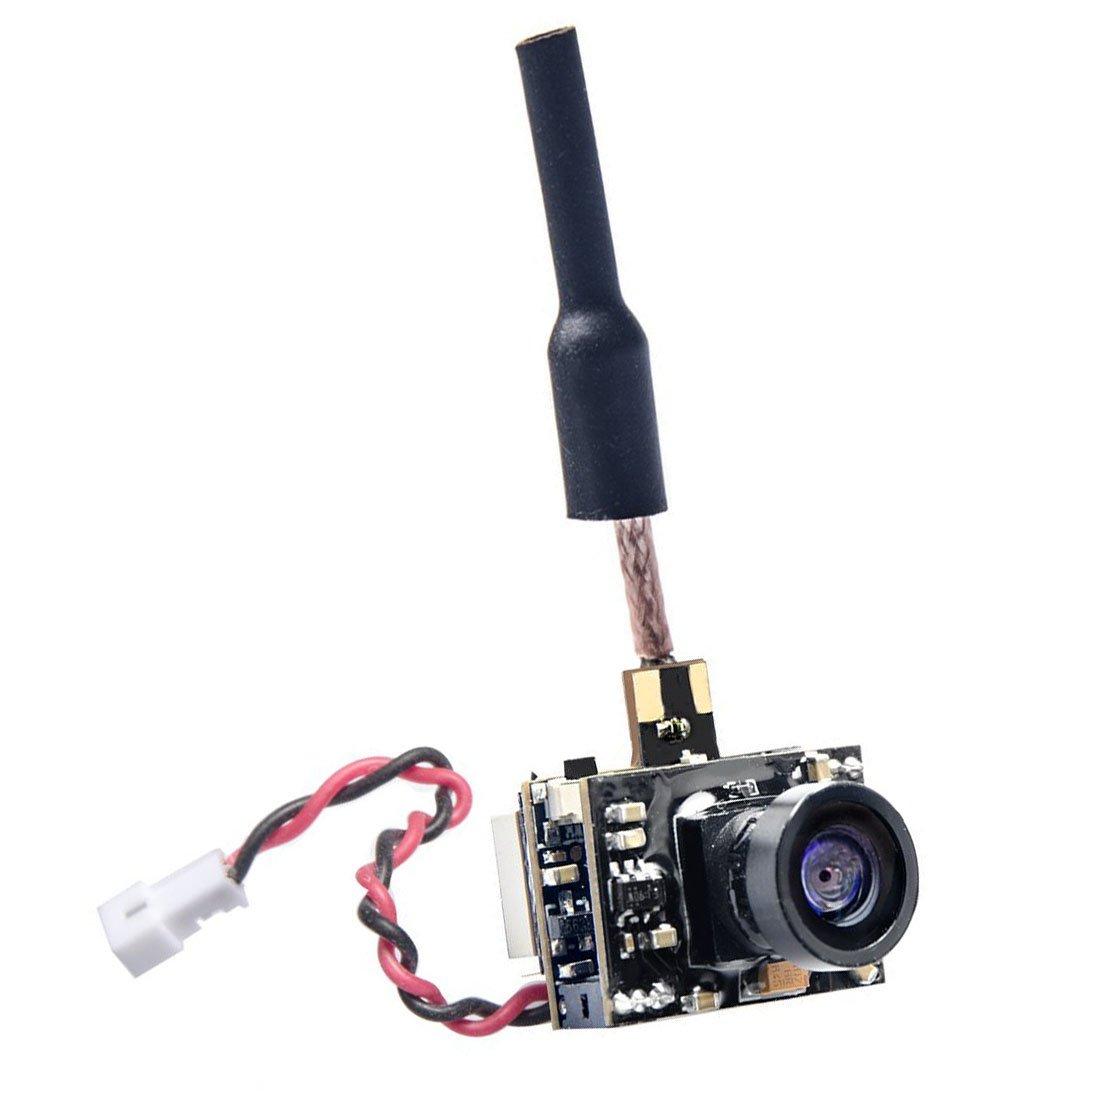 Goqotomo Gd02 200mw 5.8ghz 40ch Fpv Transmisor De Video Con Antena Dipolo De Laton Ultra Micro Aio Ntsc 600tvl Combo De